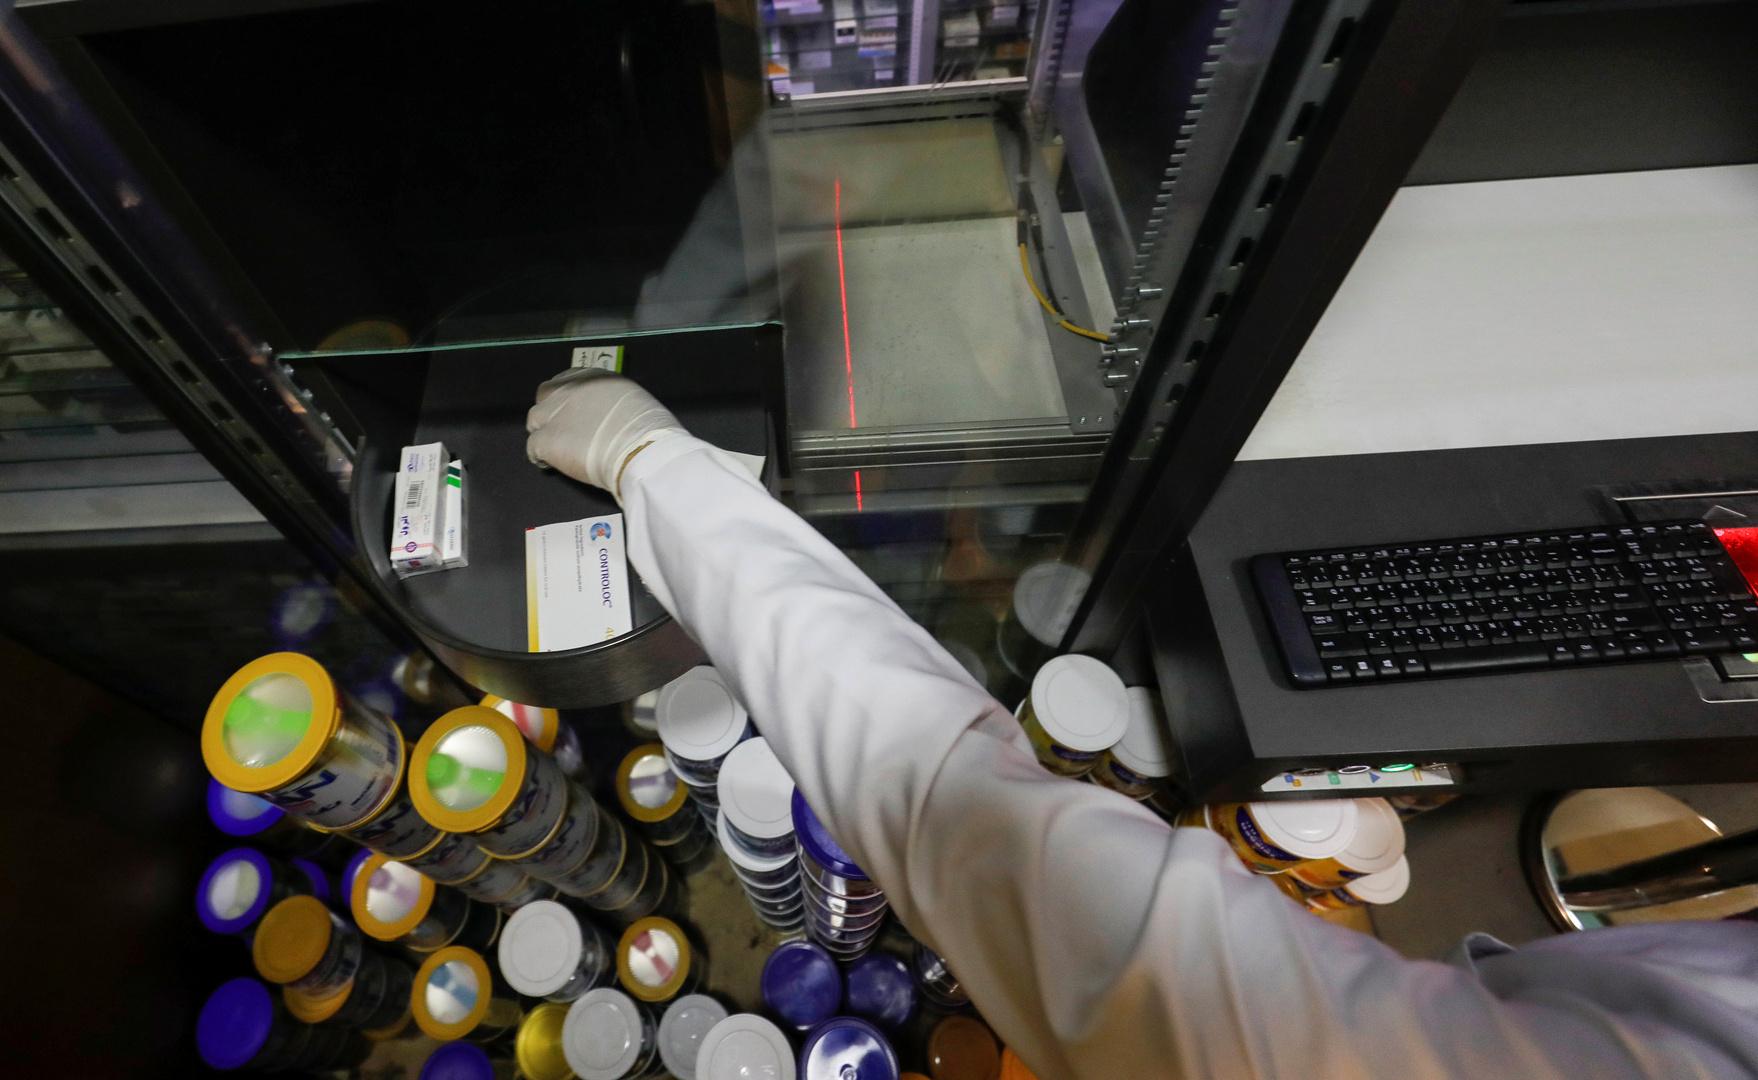 مصر تعلن تسجيل أول دواء من نوعه